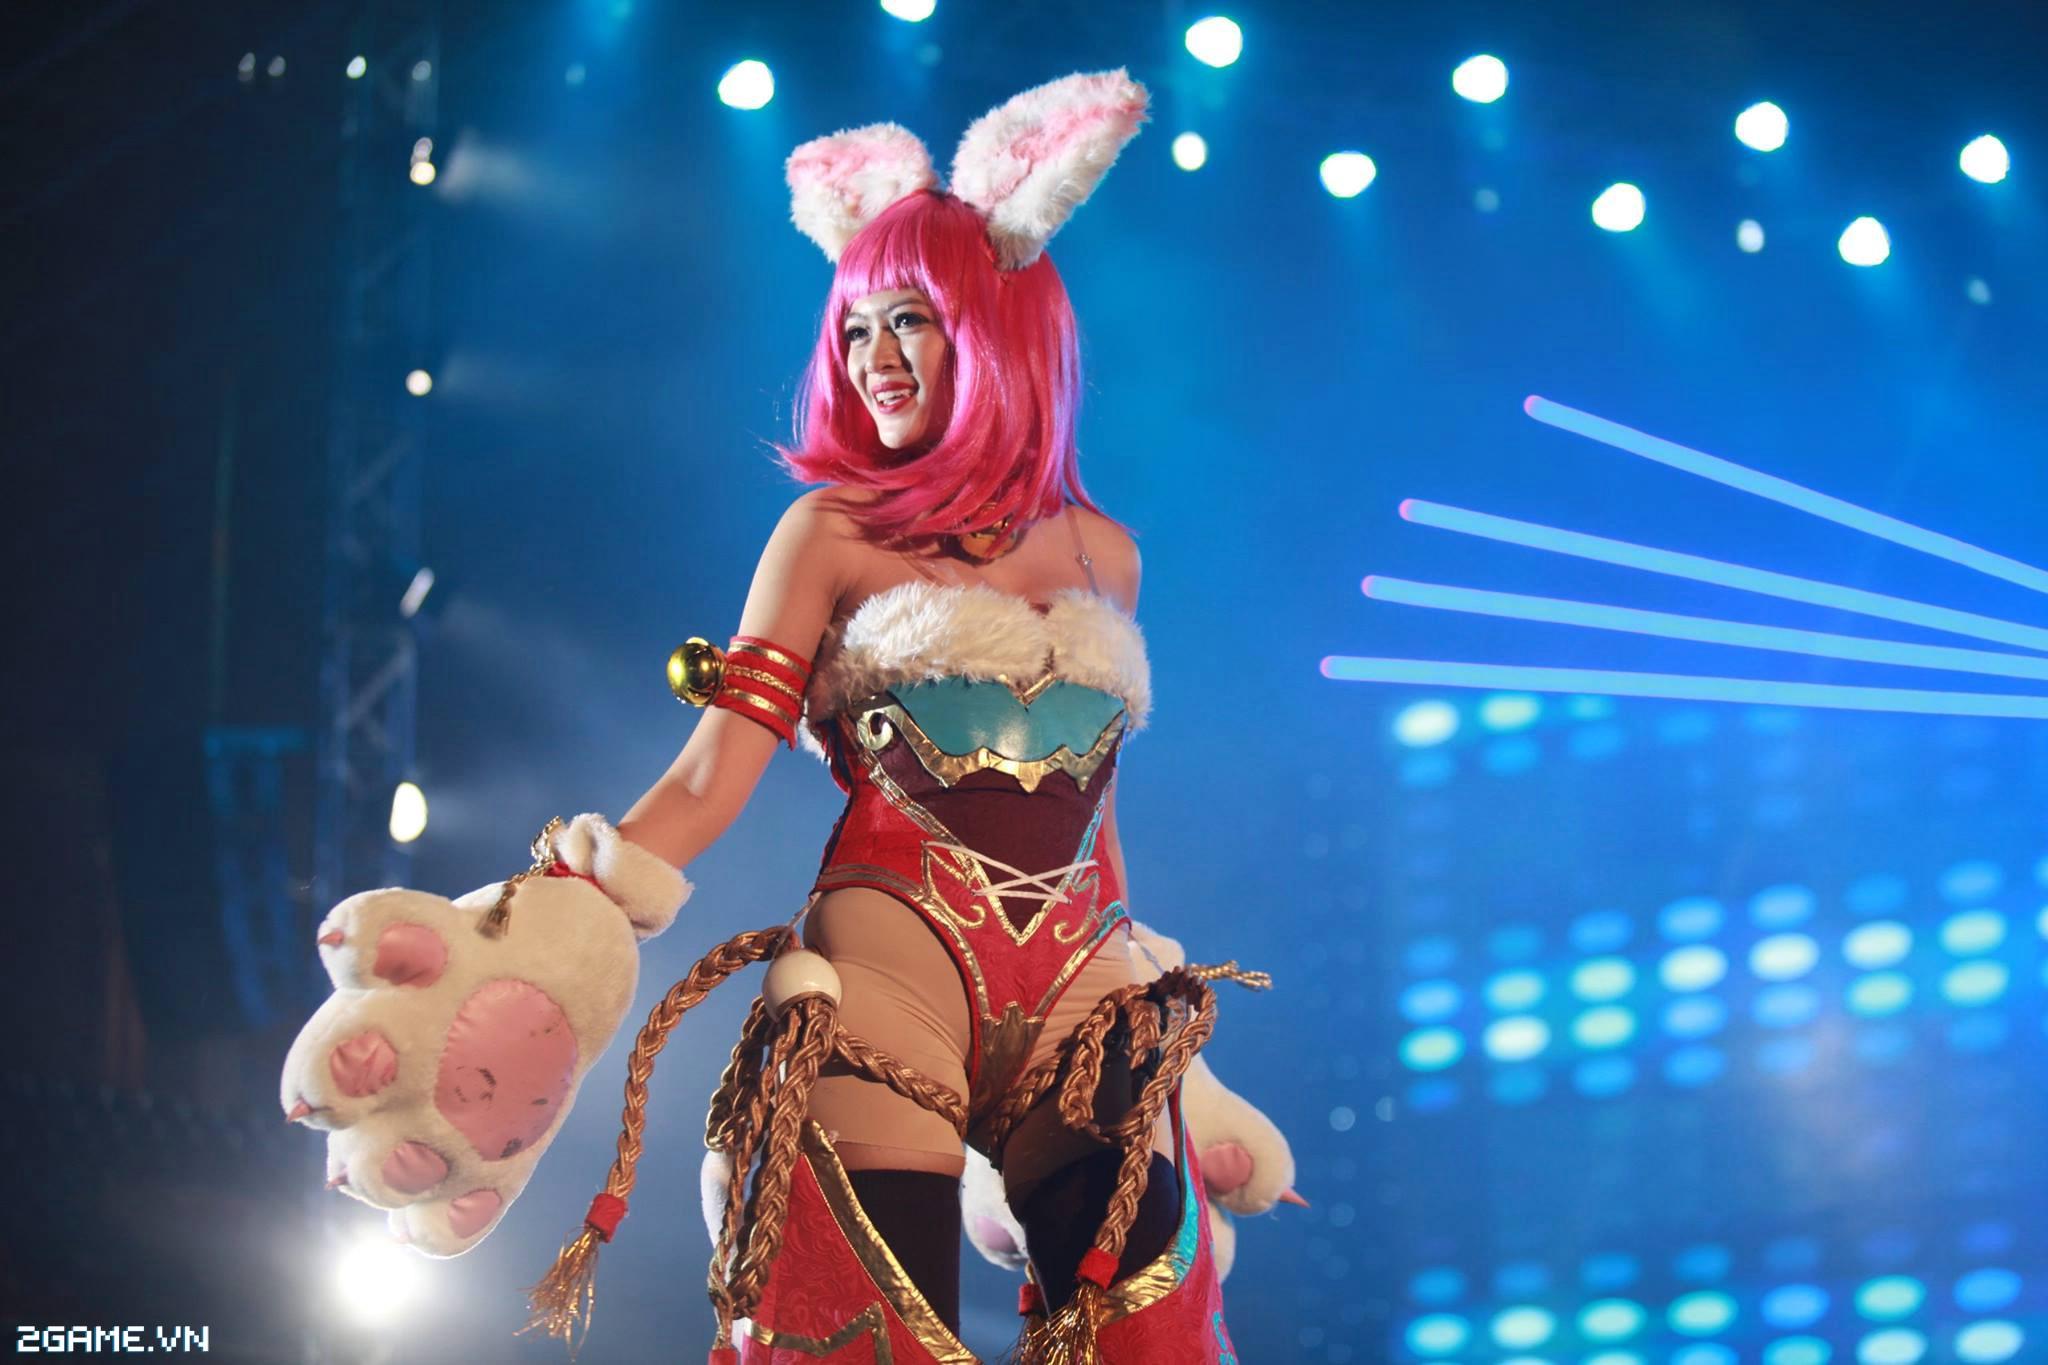 Điểm mặt các cosplay game xuất hiện tại Đại Hội 360mobi 2016 14